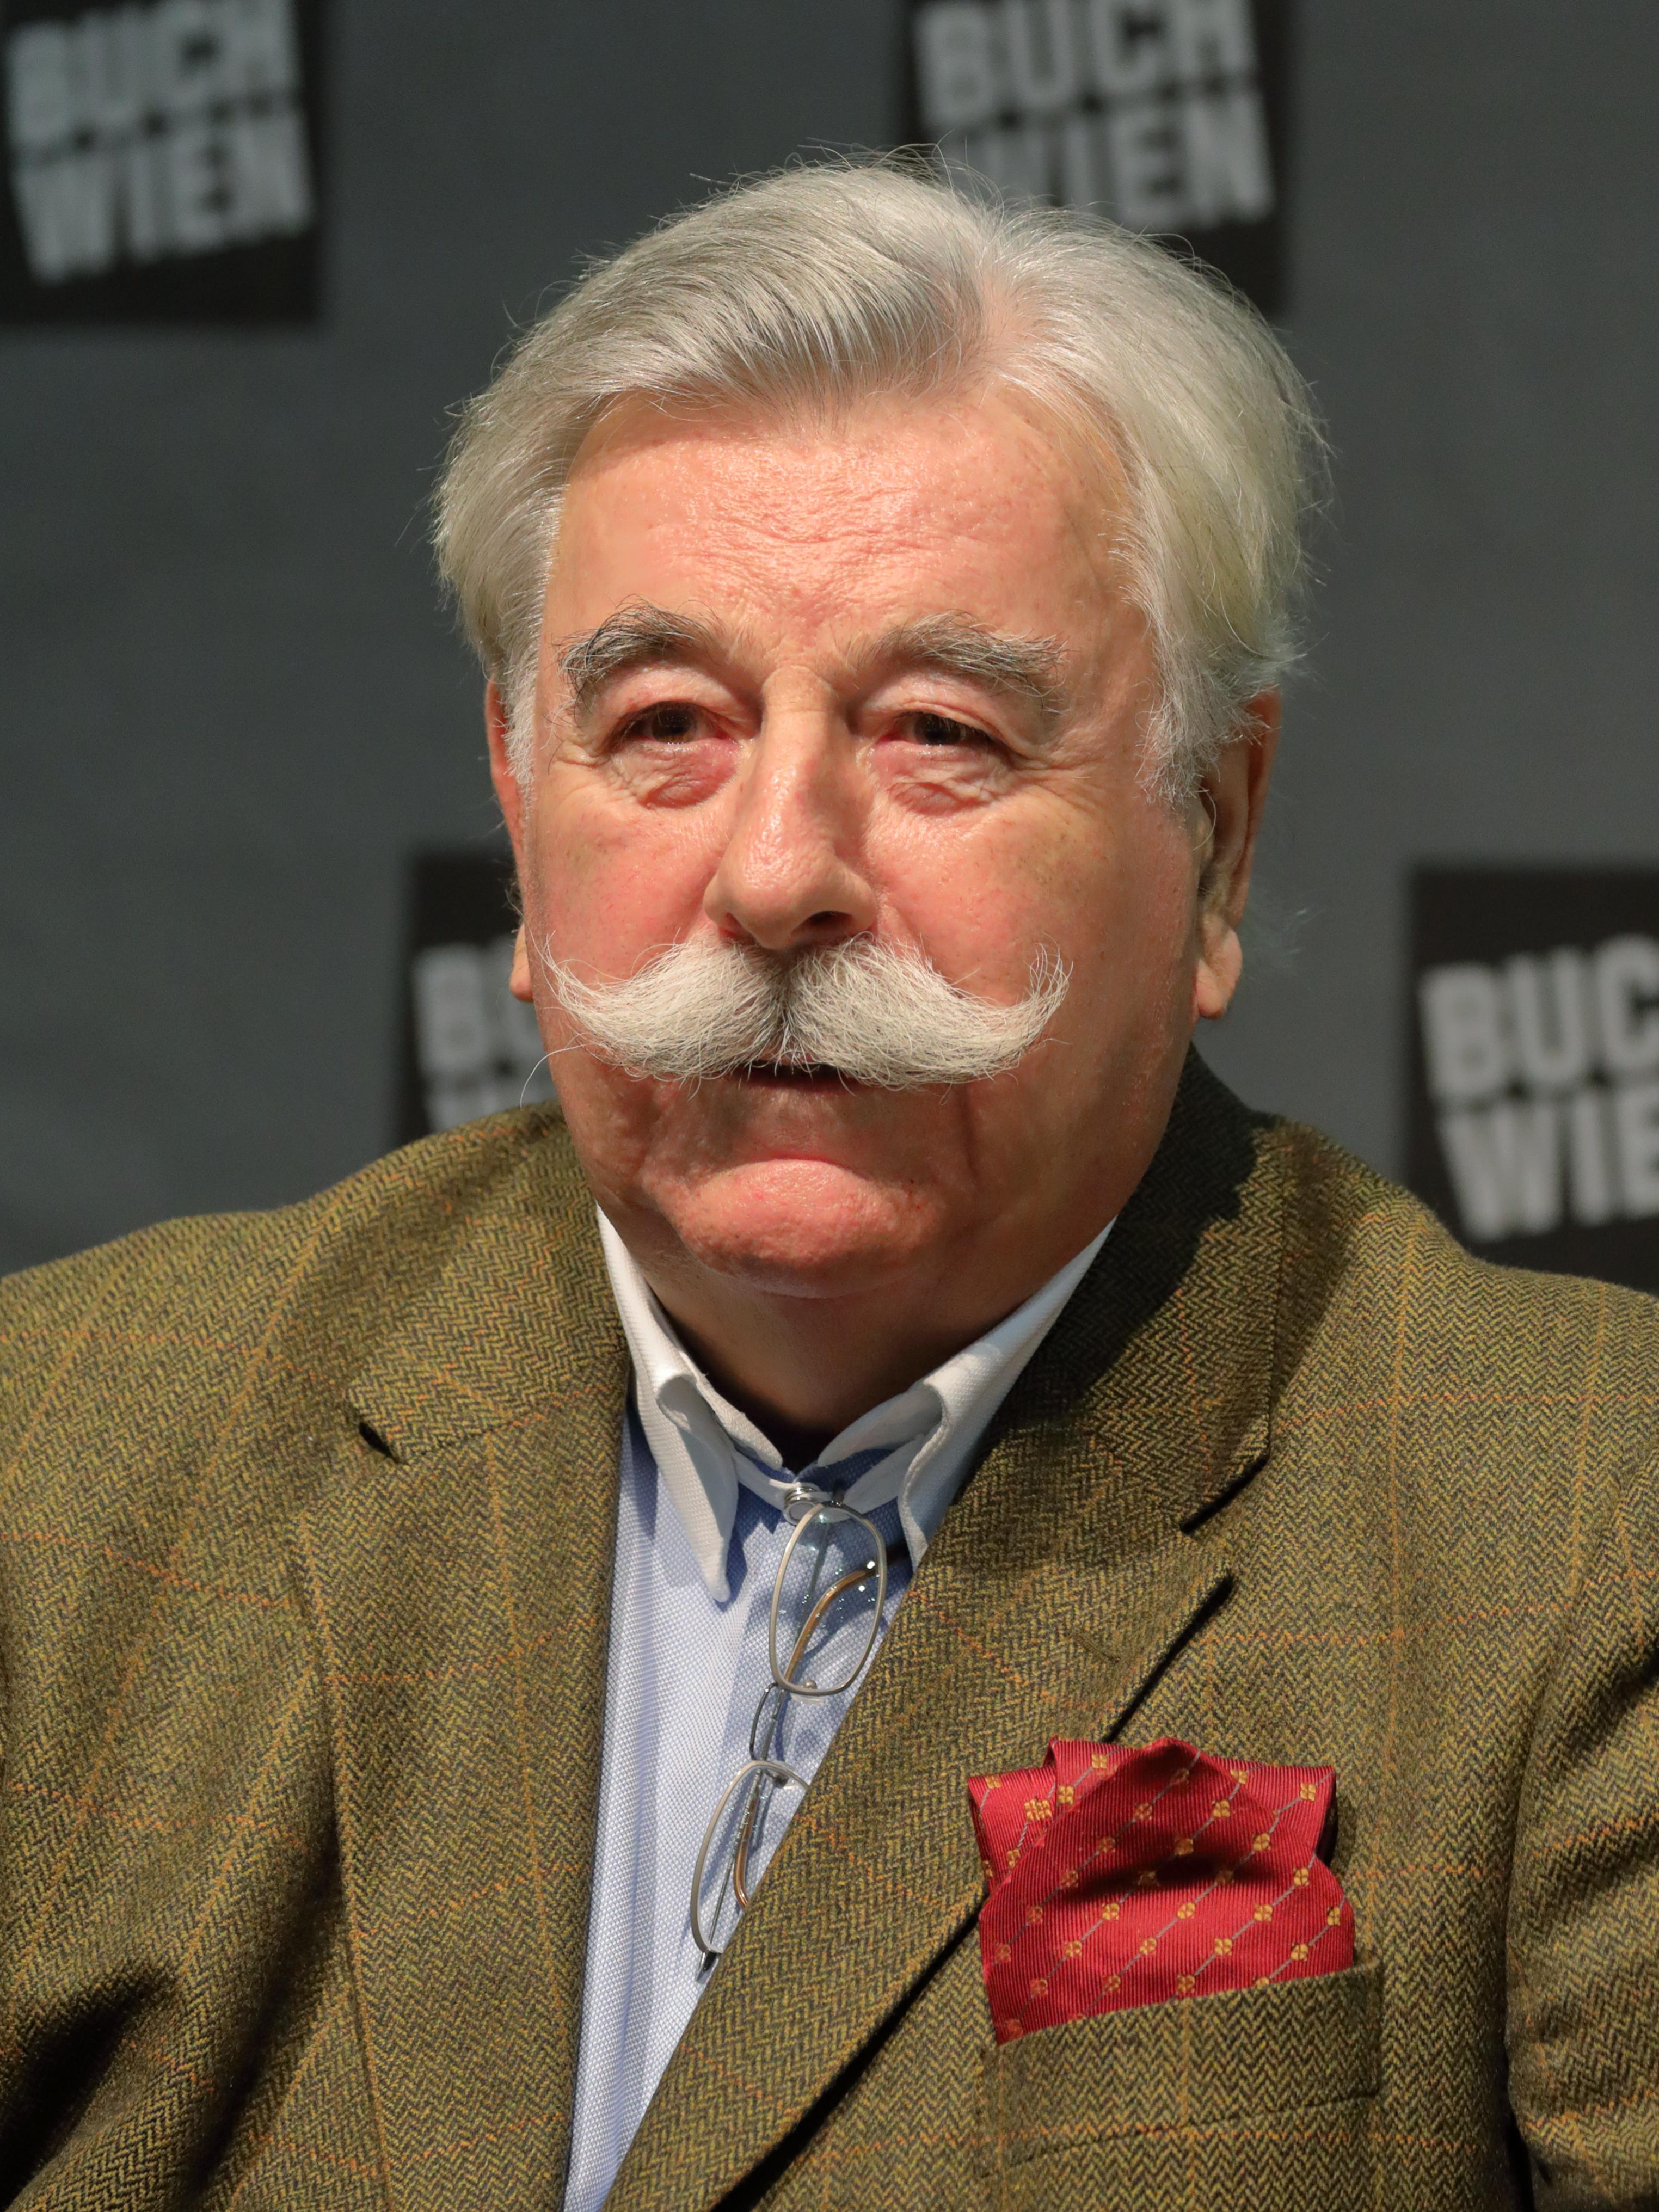 Ulrich N. Schulenburg – Wikipedia